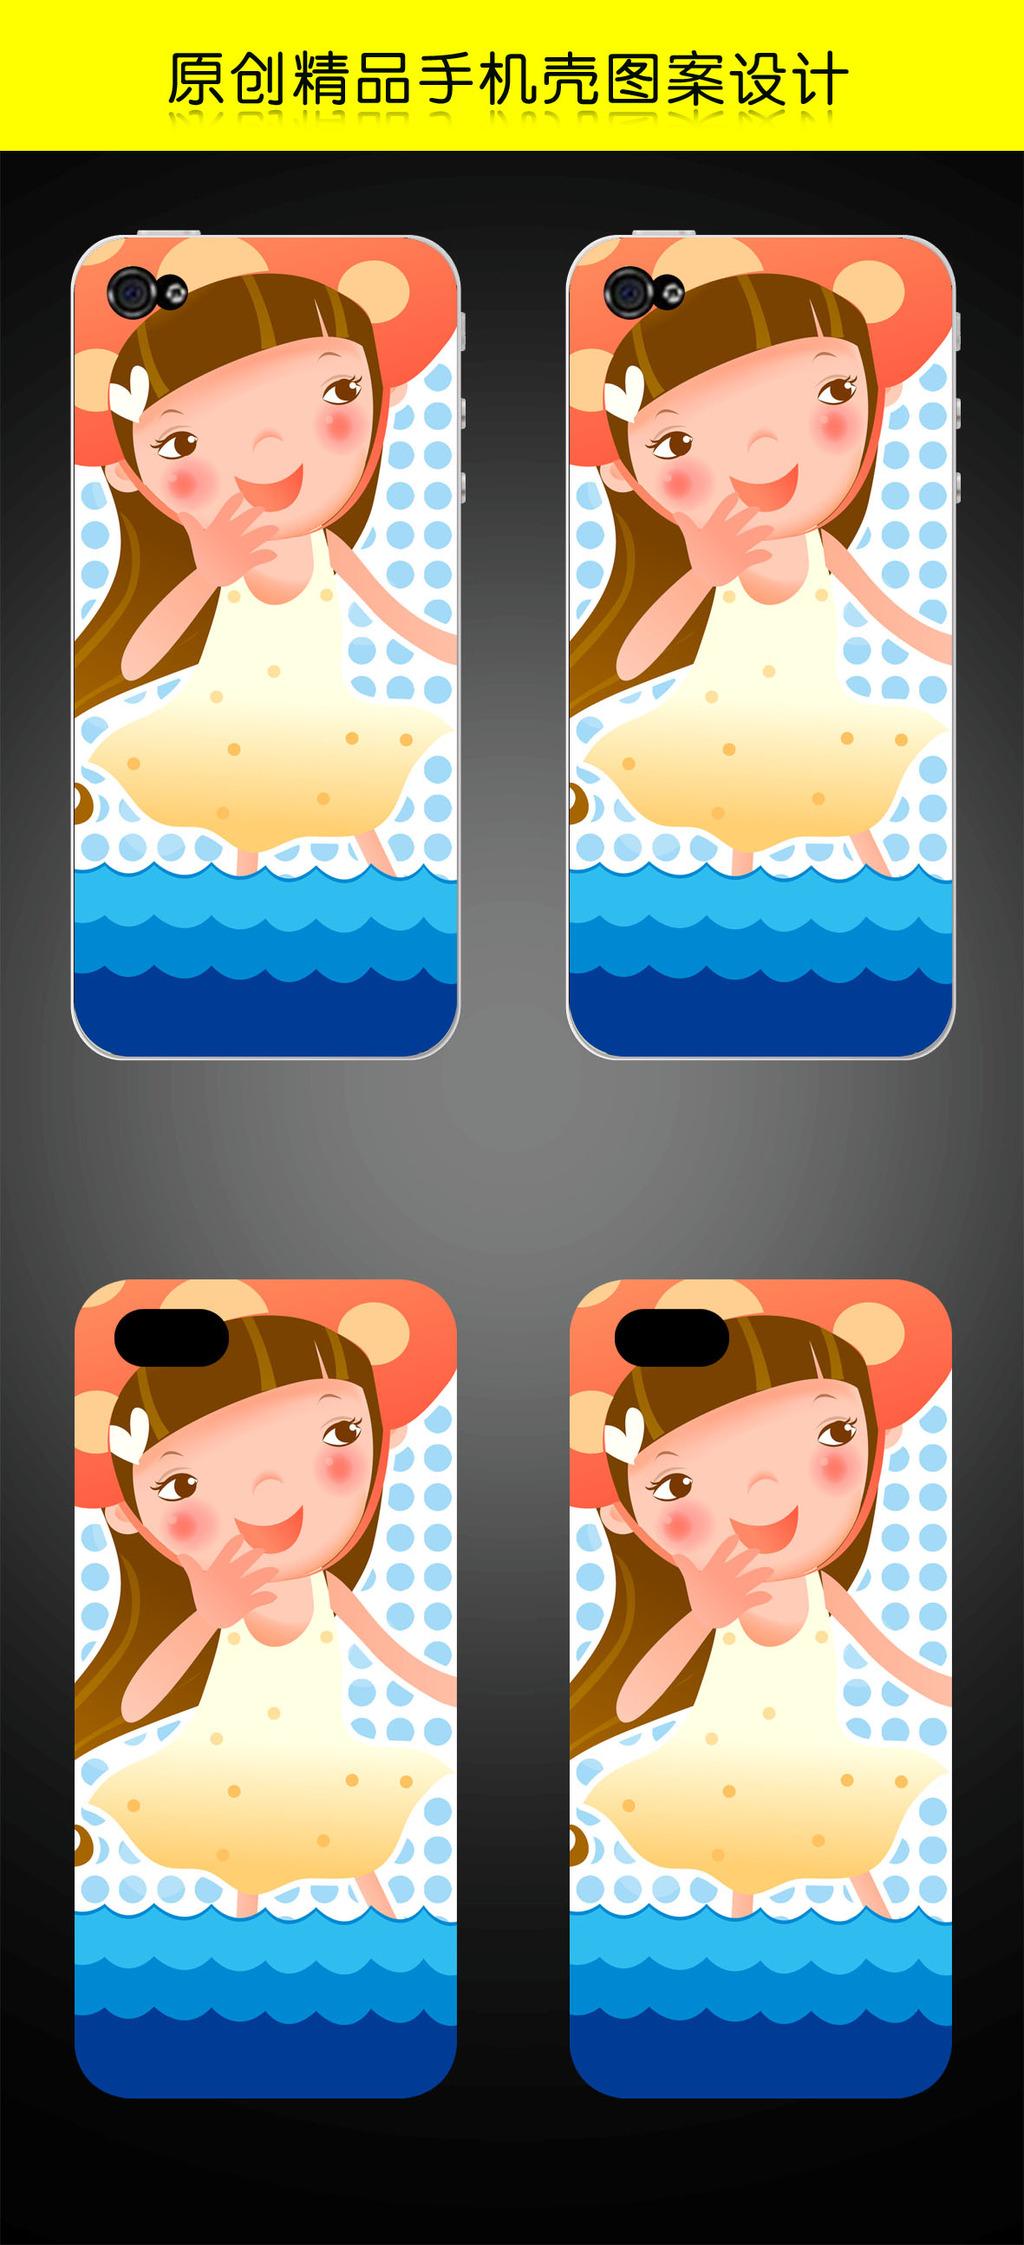 卡通女孩手机壳图案设计